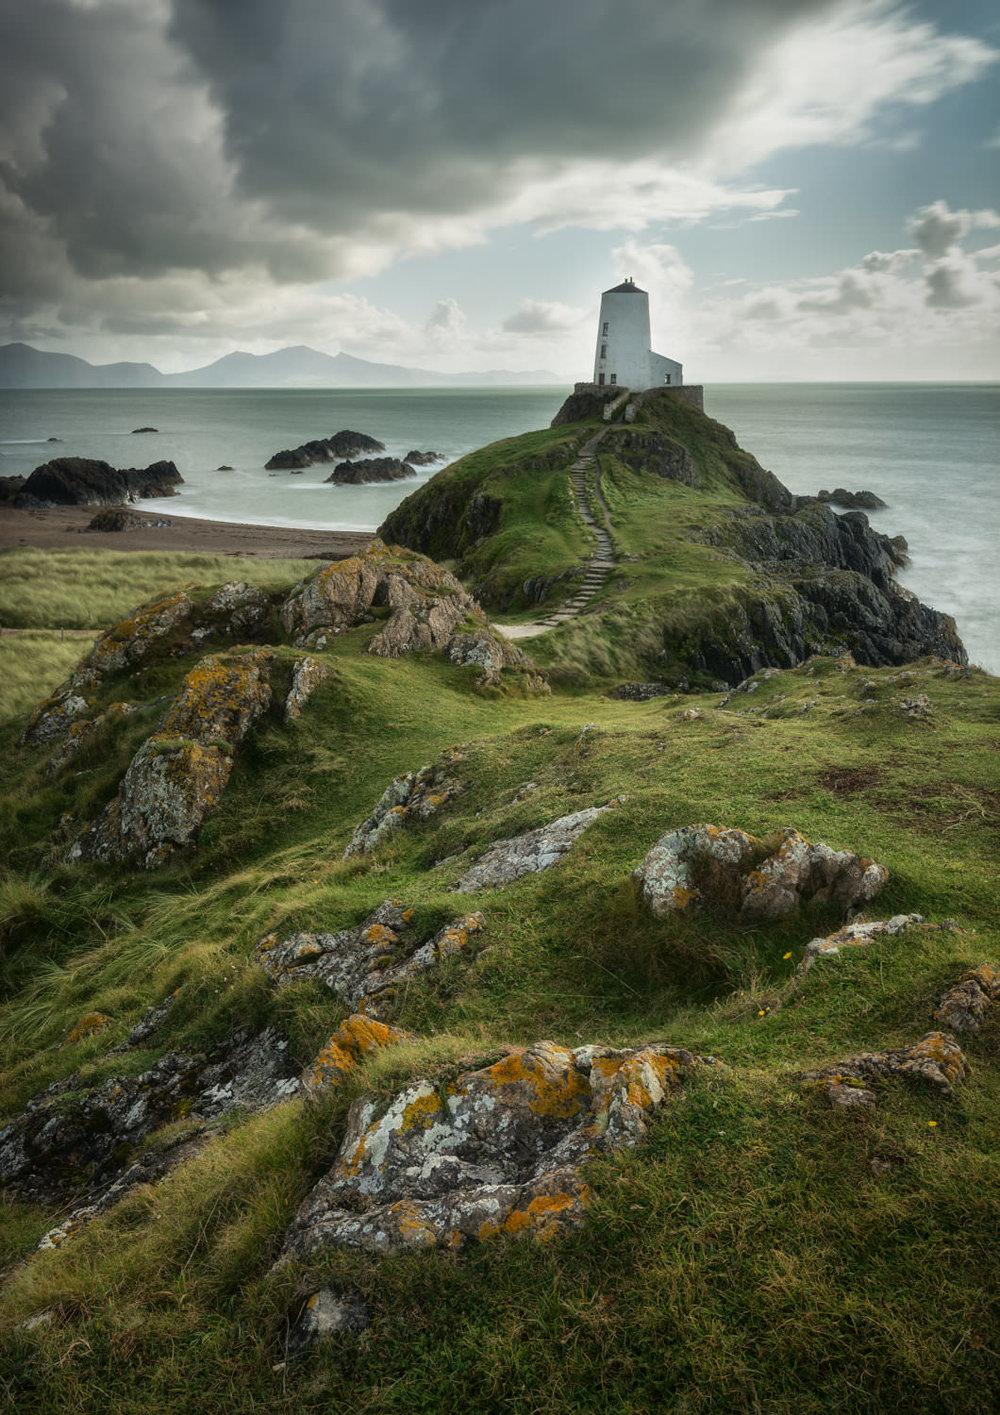 Twr Mawr Lighthouse - Llanddwyn Island